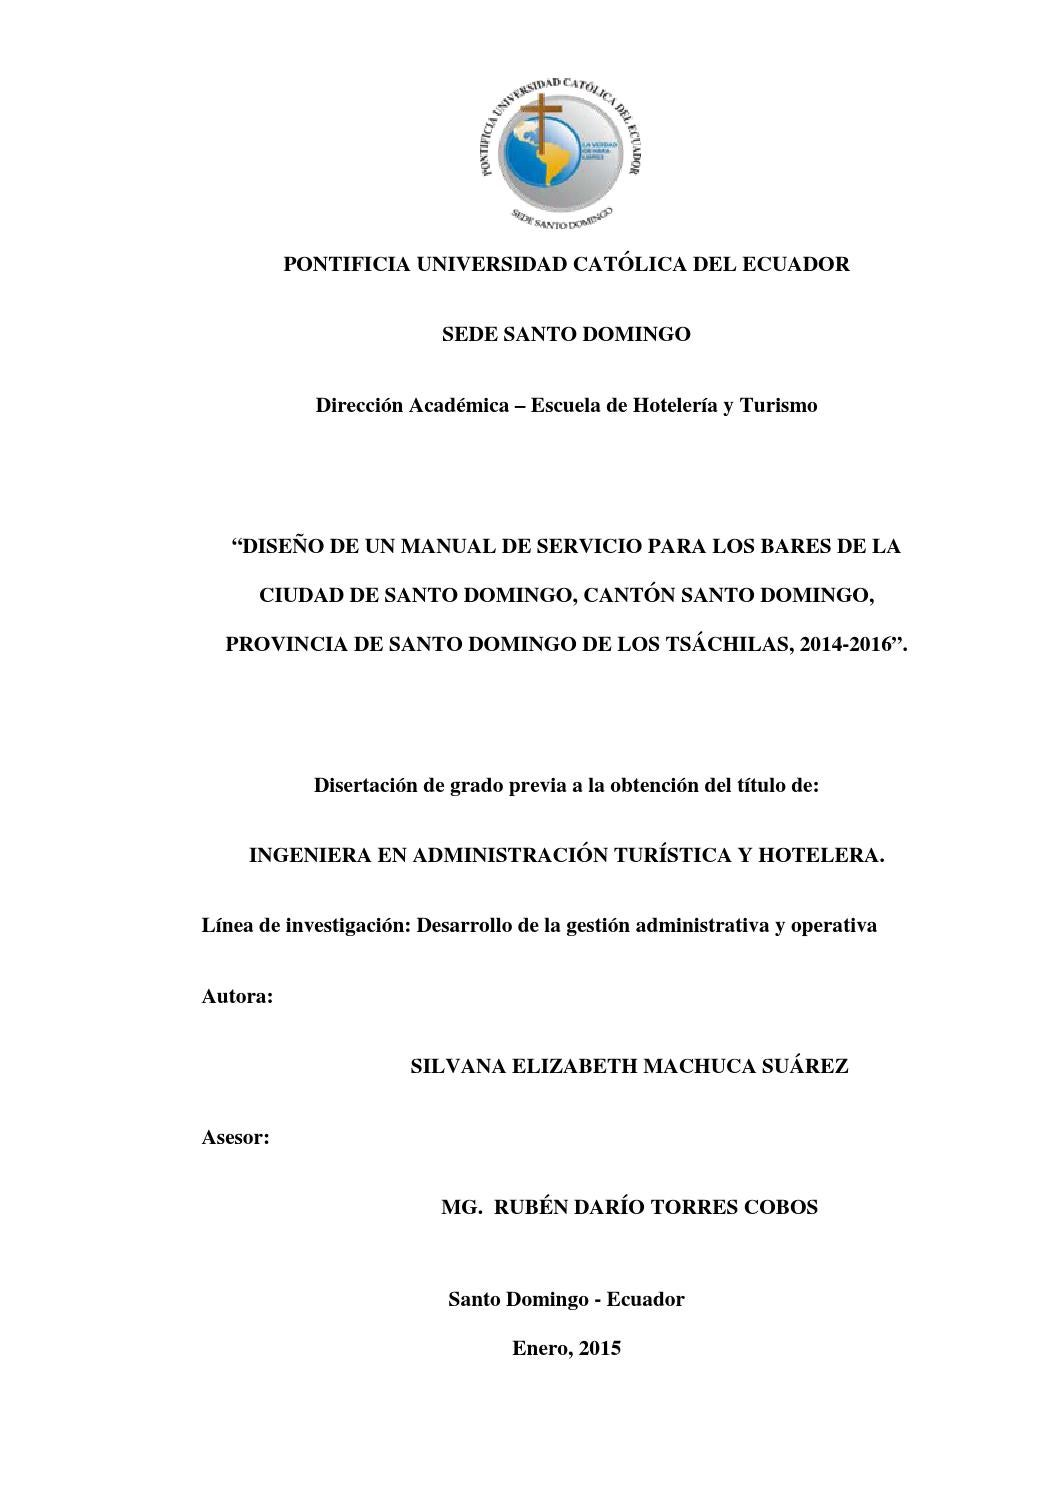 Dise o de un manual de servicio para los bares de la for Manual de operaciones de un restaurante ejemplo